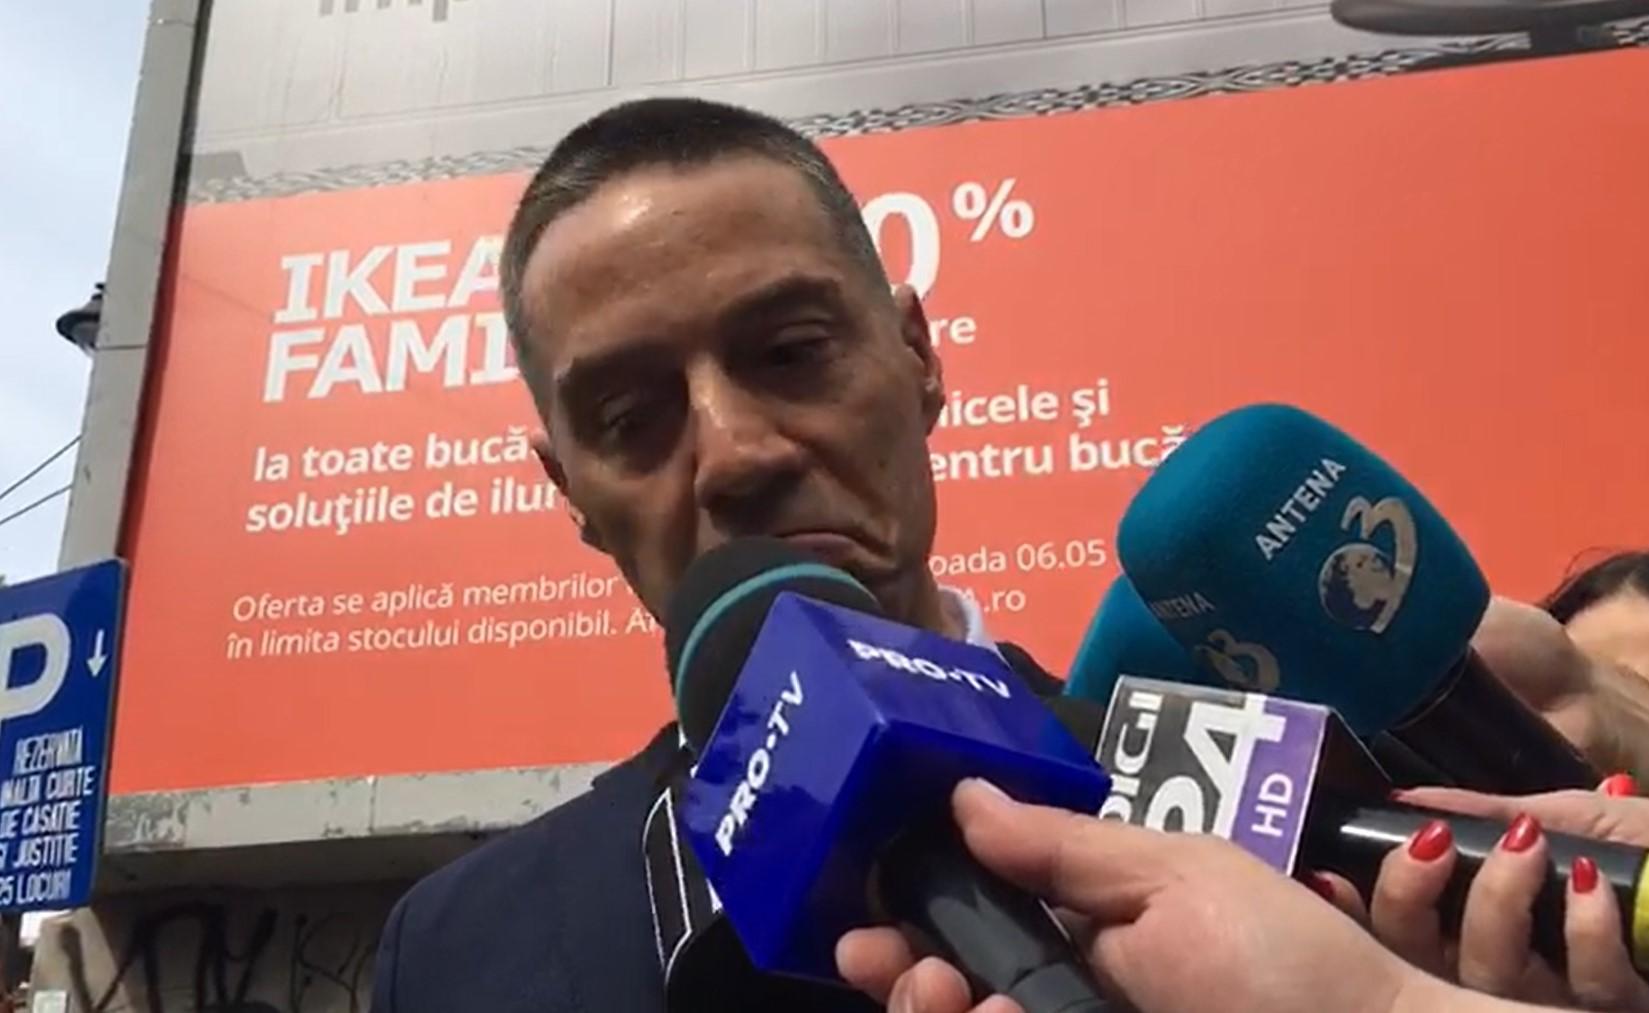 Fratele lui Radu Mazăre, despre extrădare: Oamenii care se bucură acum să aibă parte de dreptatea pe care a avut-o şi Radu | VIDEO